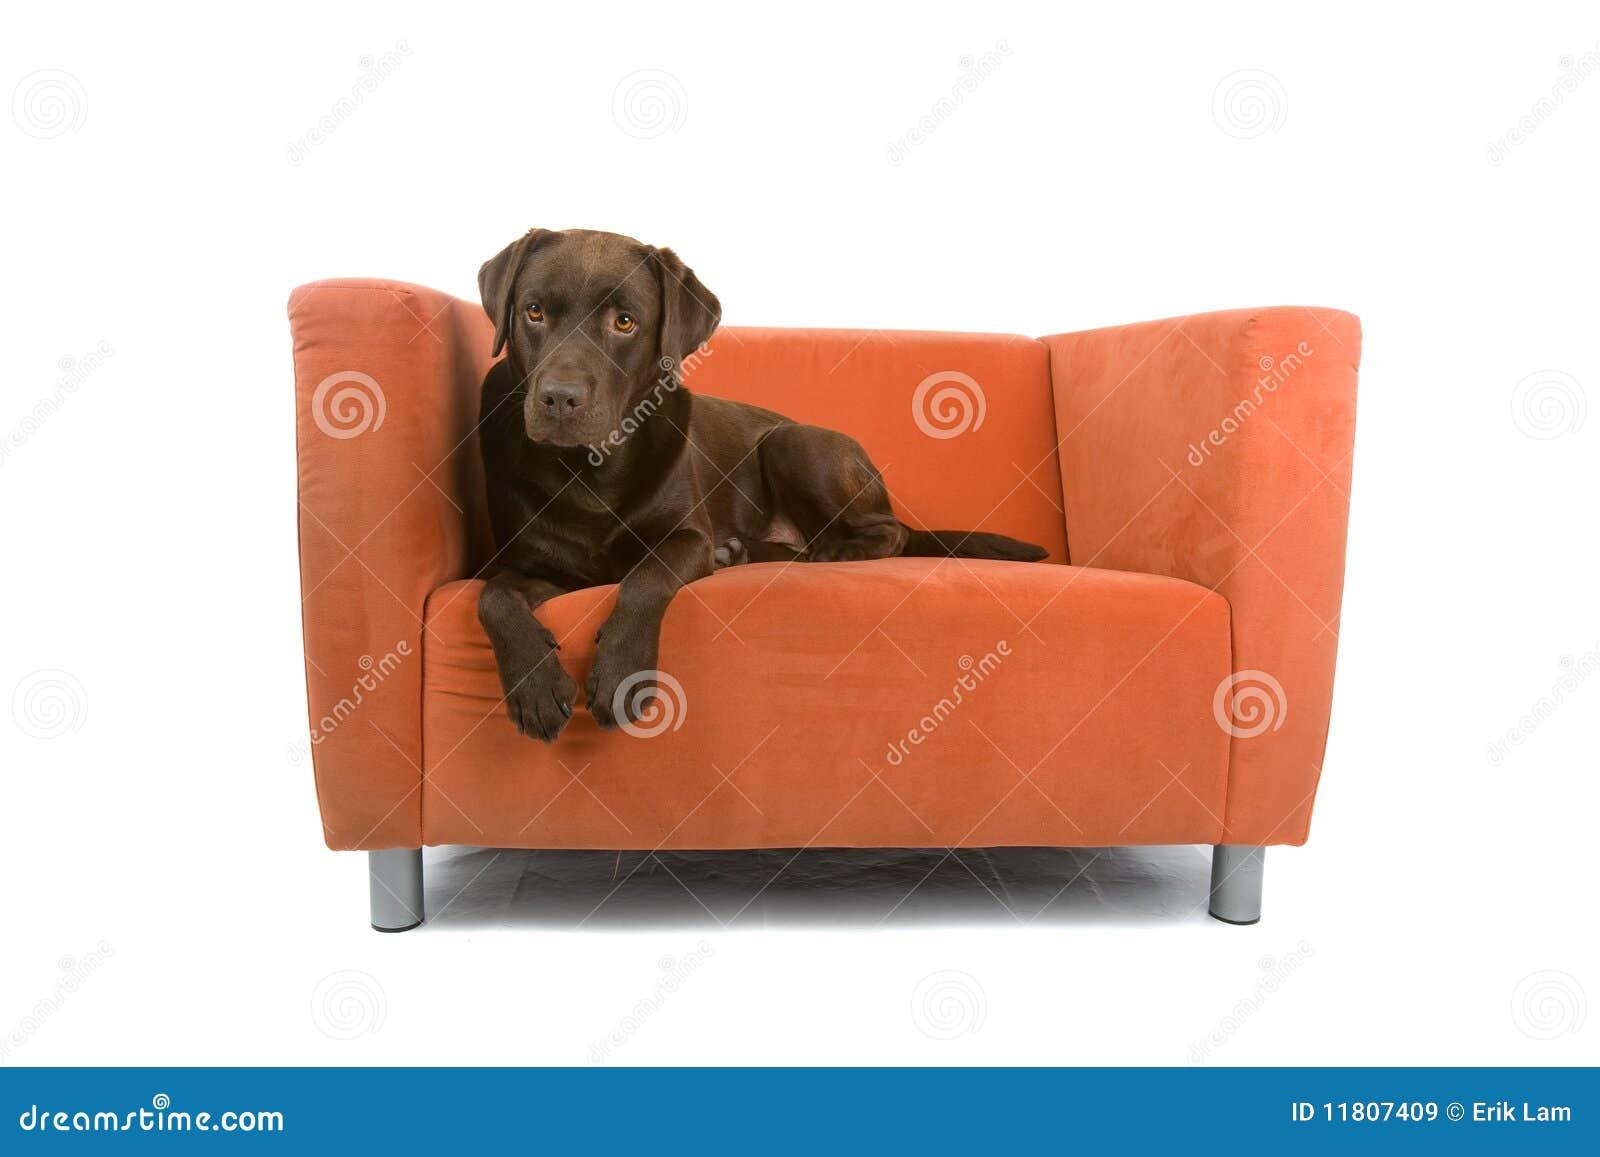 Dog On Sofa Royalty Free Stock Images Image 11807409